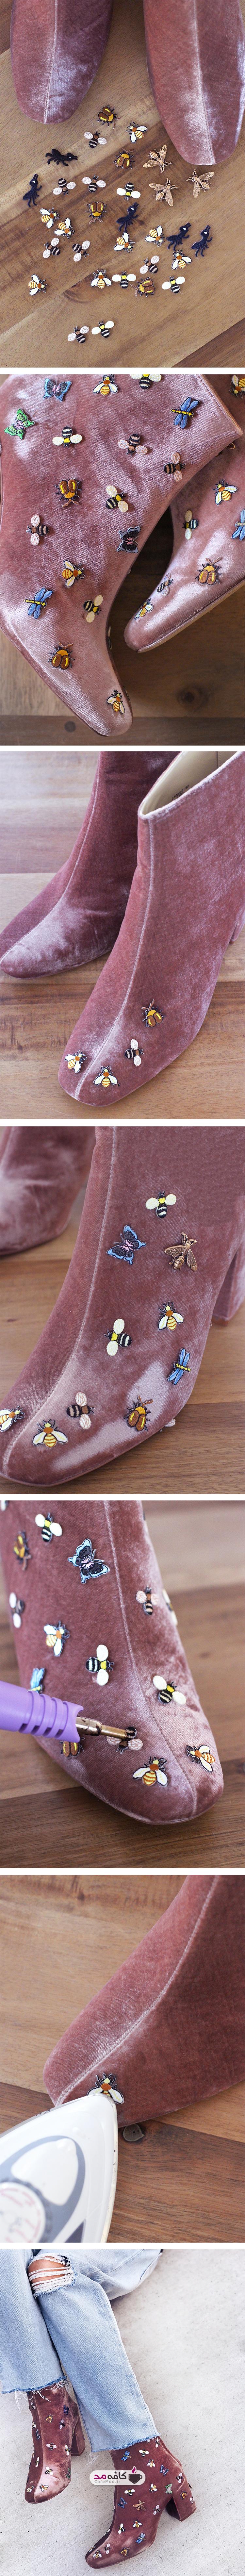 آموزش تزیین کفش با تکه های گل و حشرات